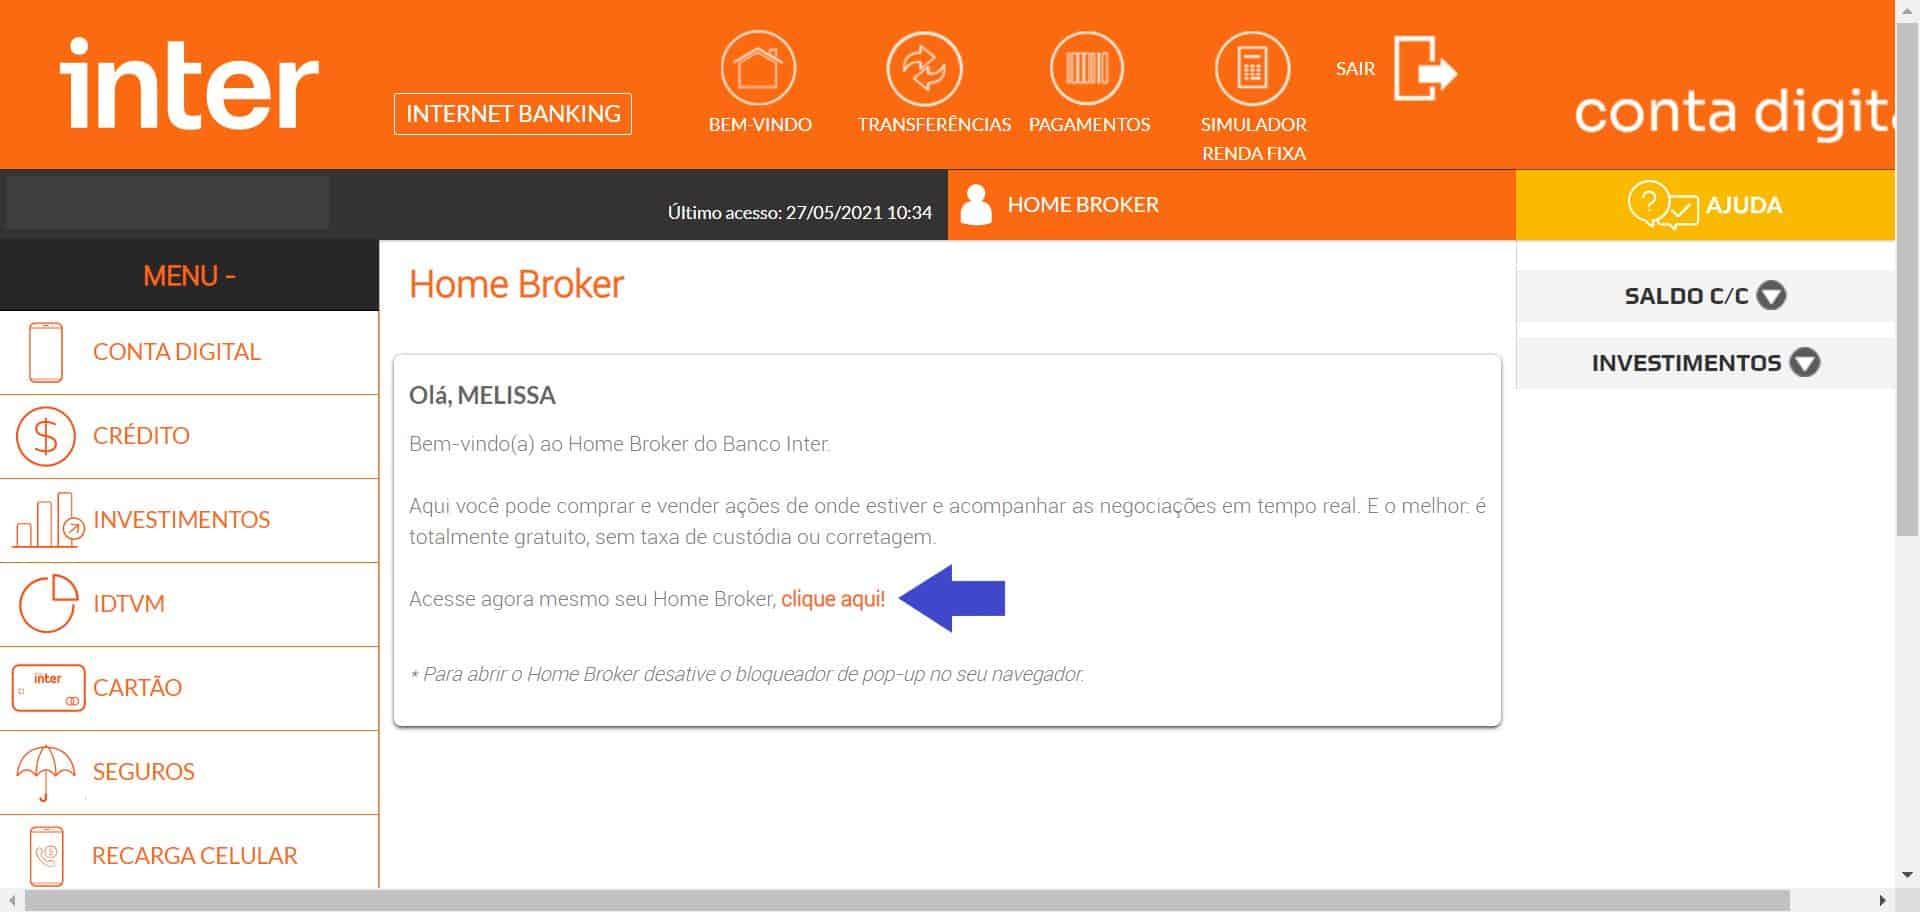 home-broket-inter-desktop-2